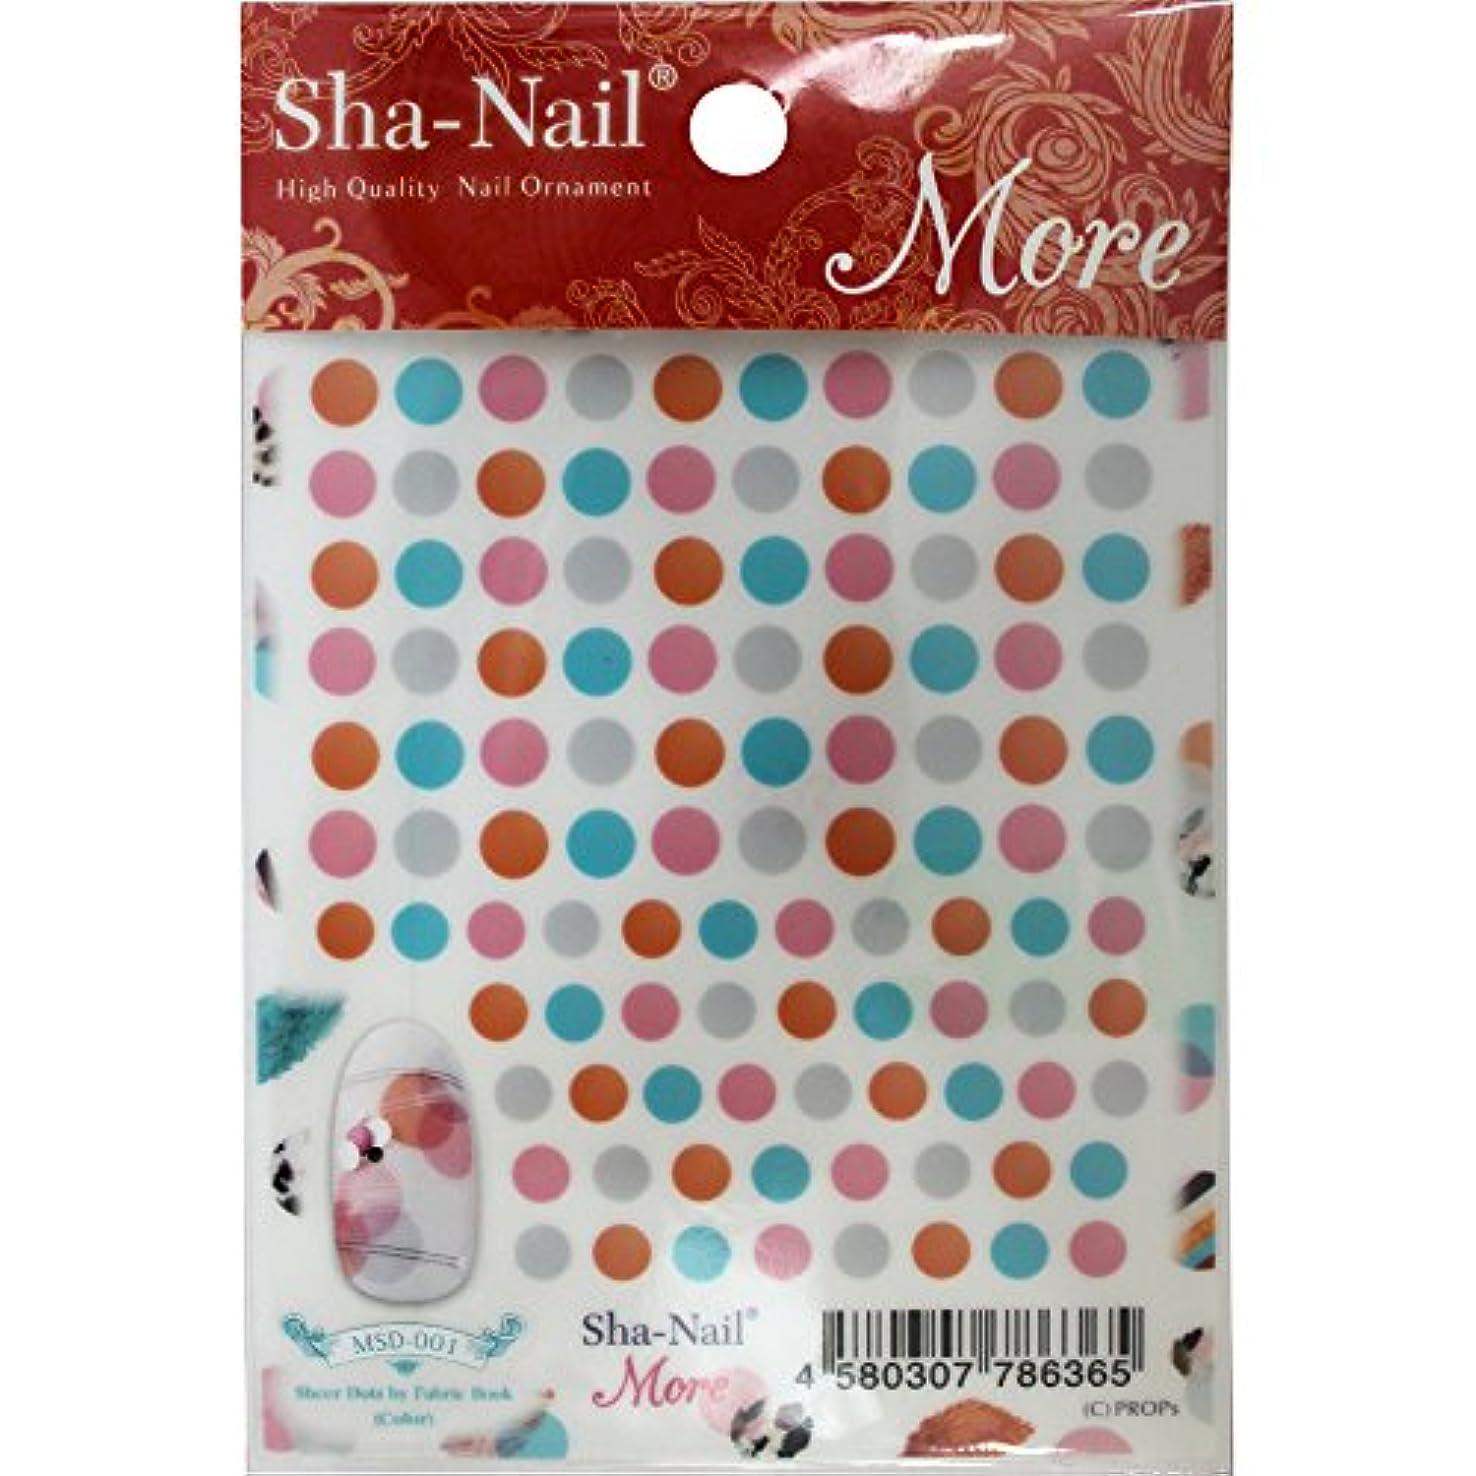 モチーフバルーン実験室Sha-Nail More ネイルシール シアードット(カラー) MSD-001 アート材